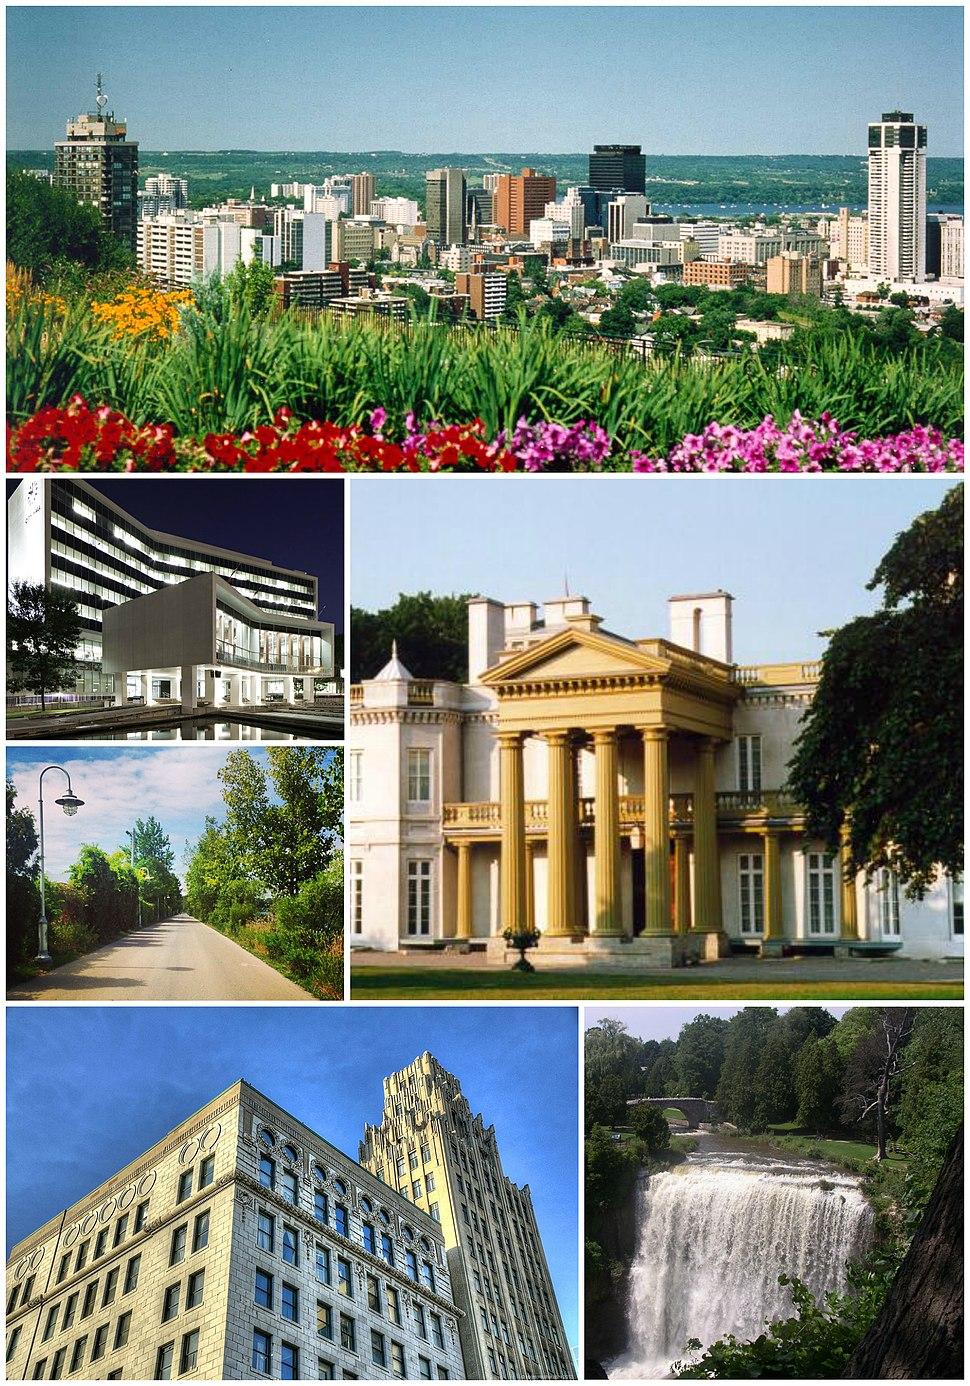 Collage of Tourist Spots in Hamilton, Ontario, Canada